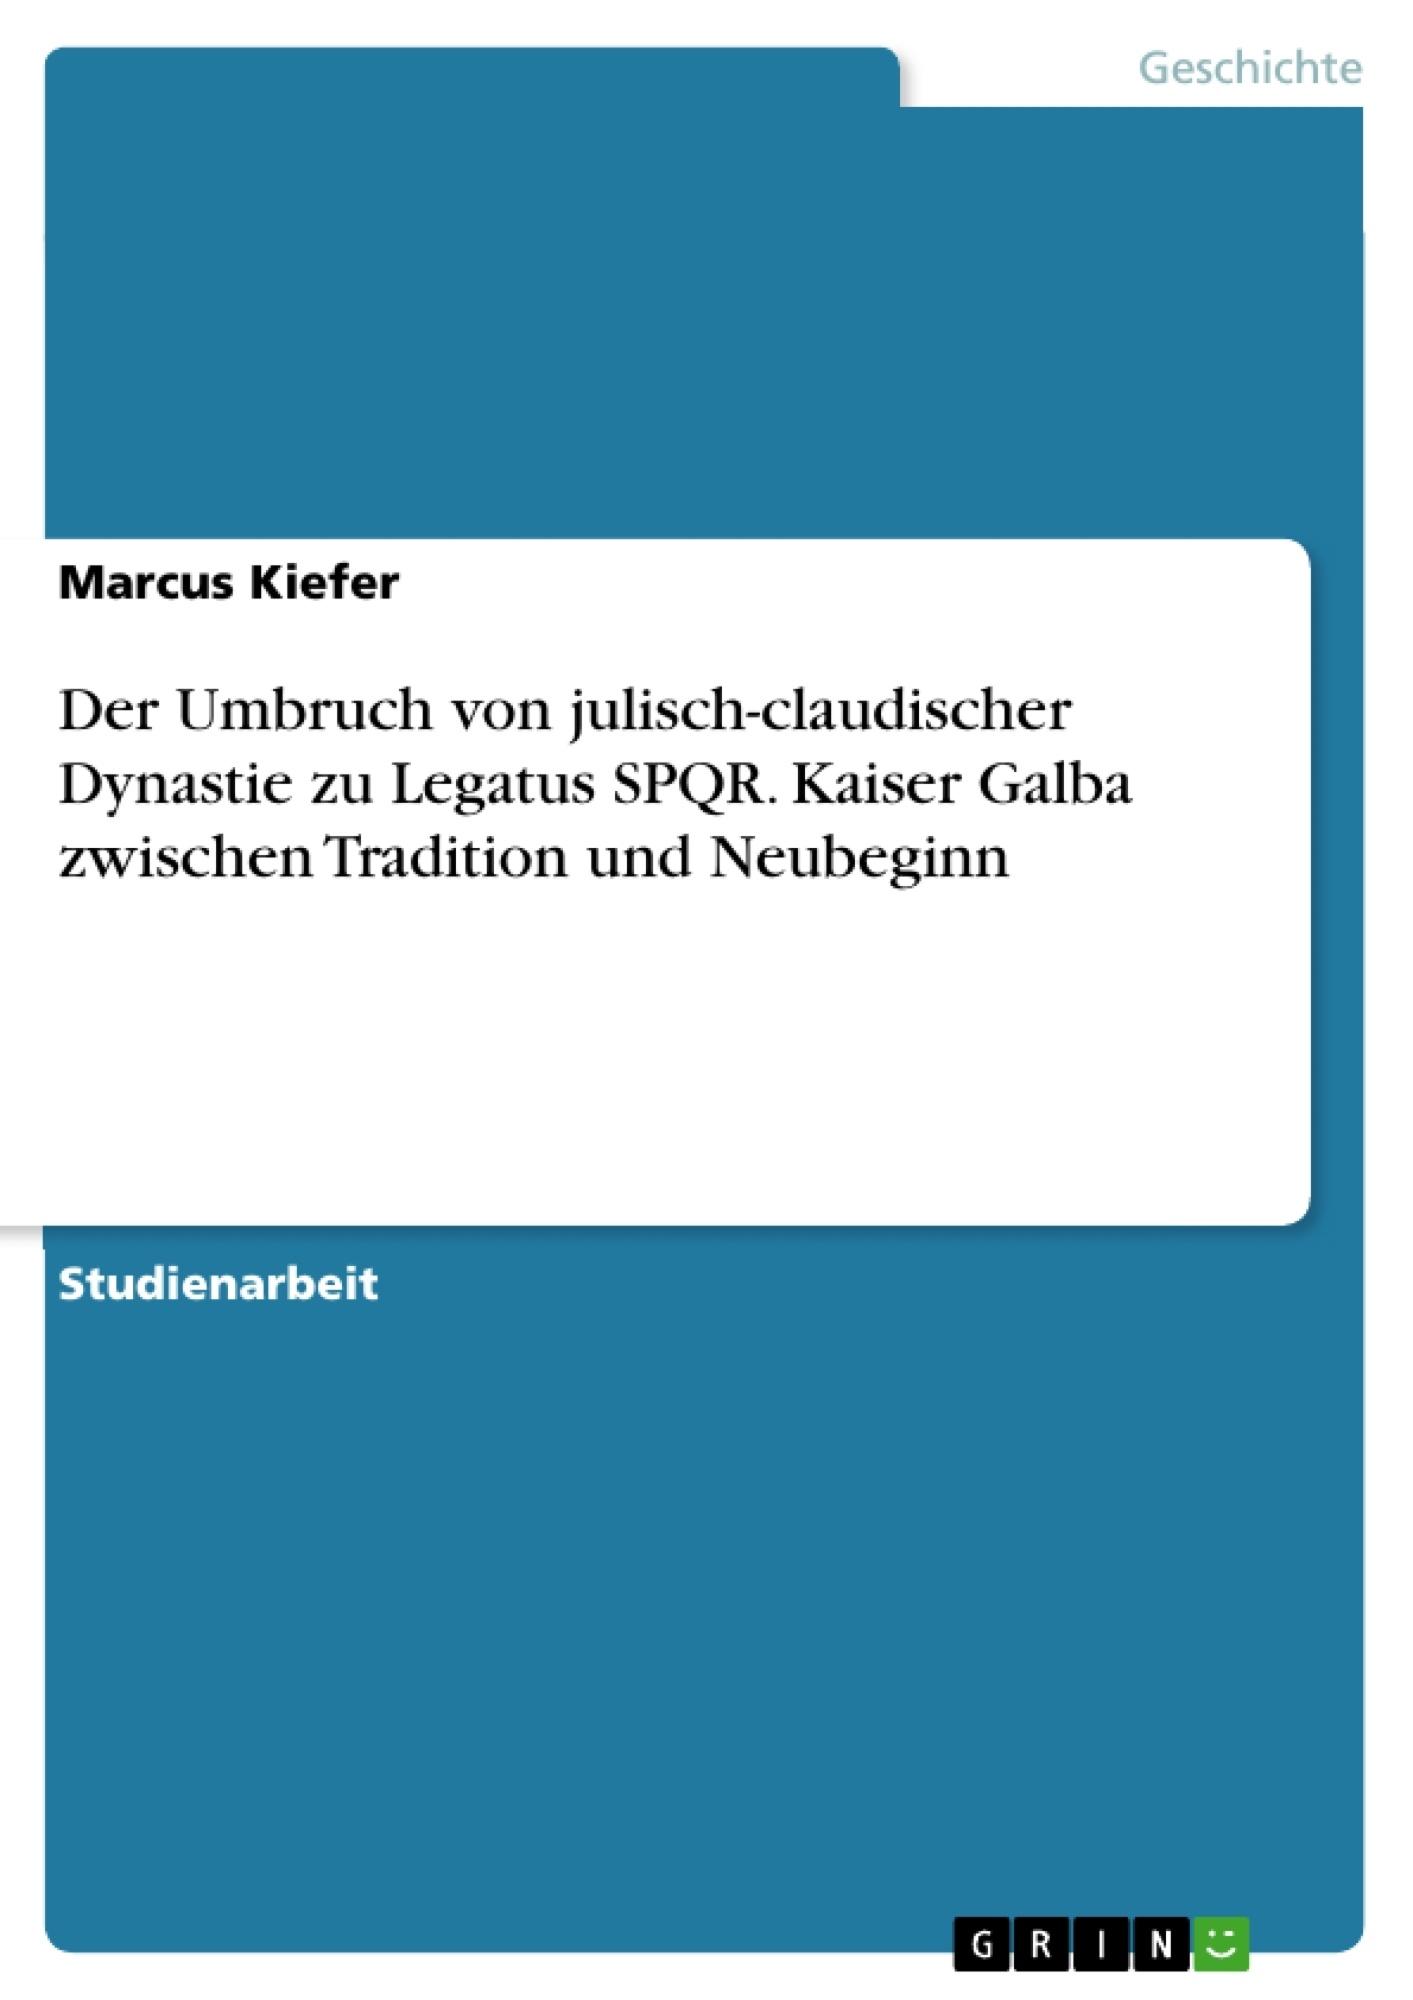 Titel: Der Umbruch von julisch-claudischer Dynastie zu Legatus SPQR. Kaiser Galba zwischen Tradition und Neubeginn